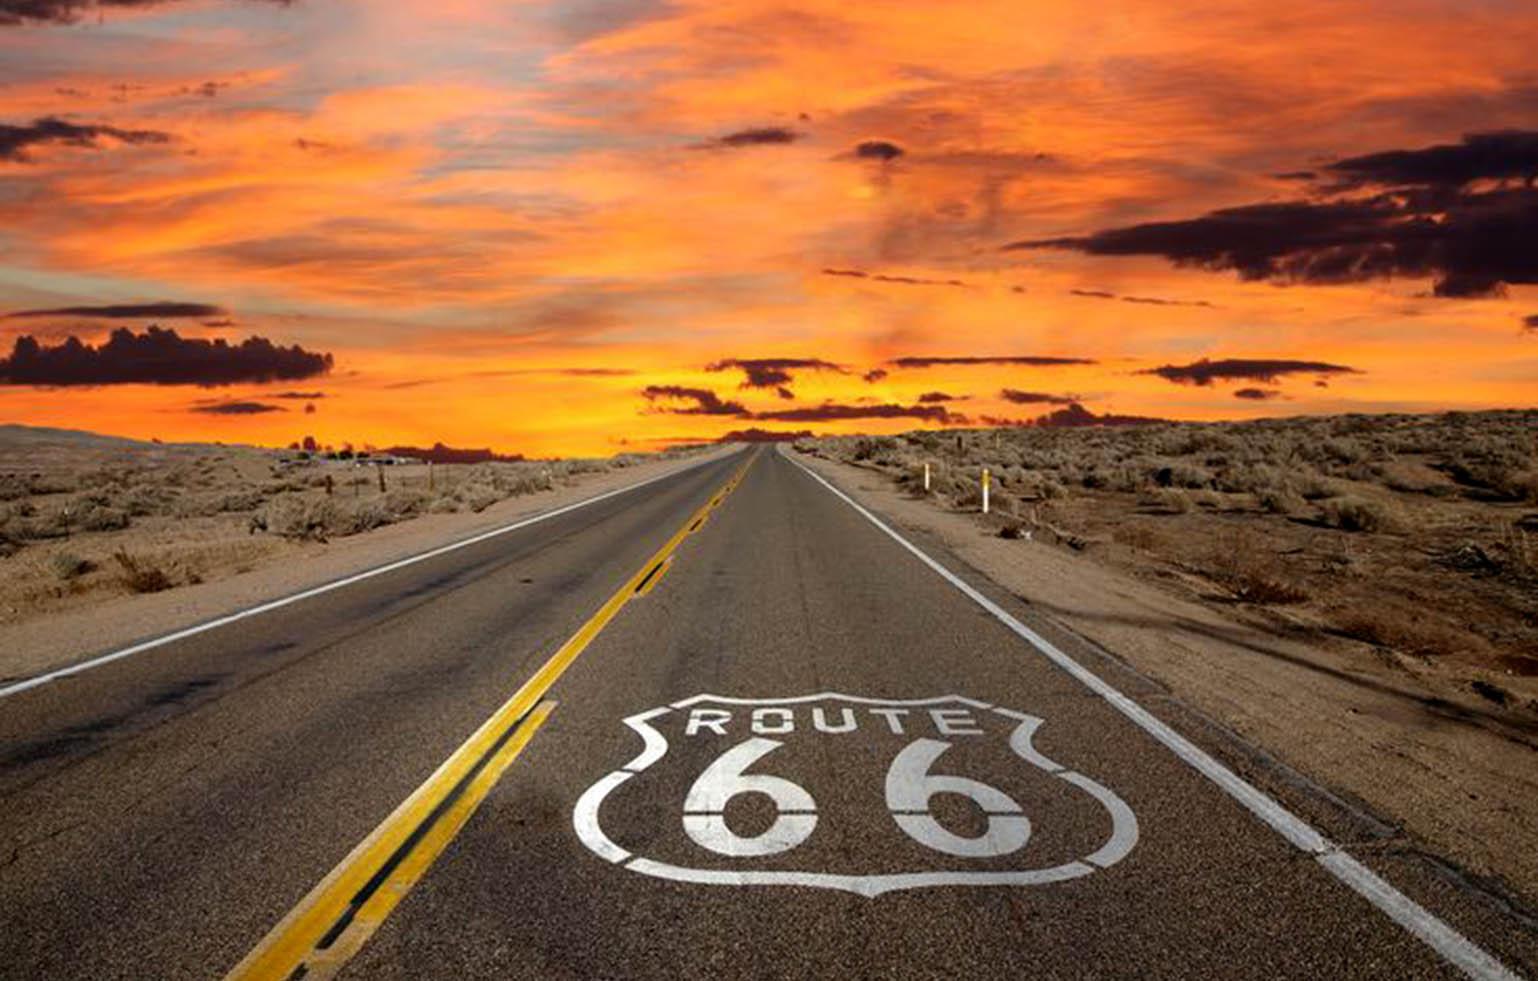 Viajes Ruta 66